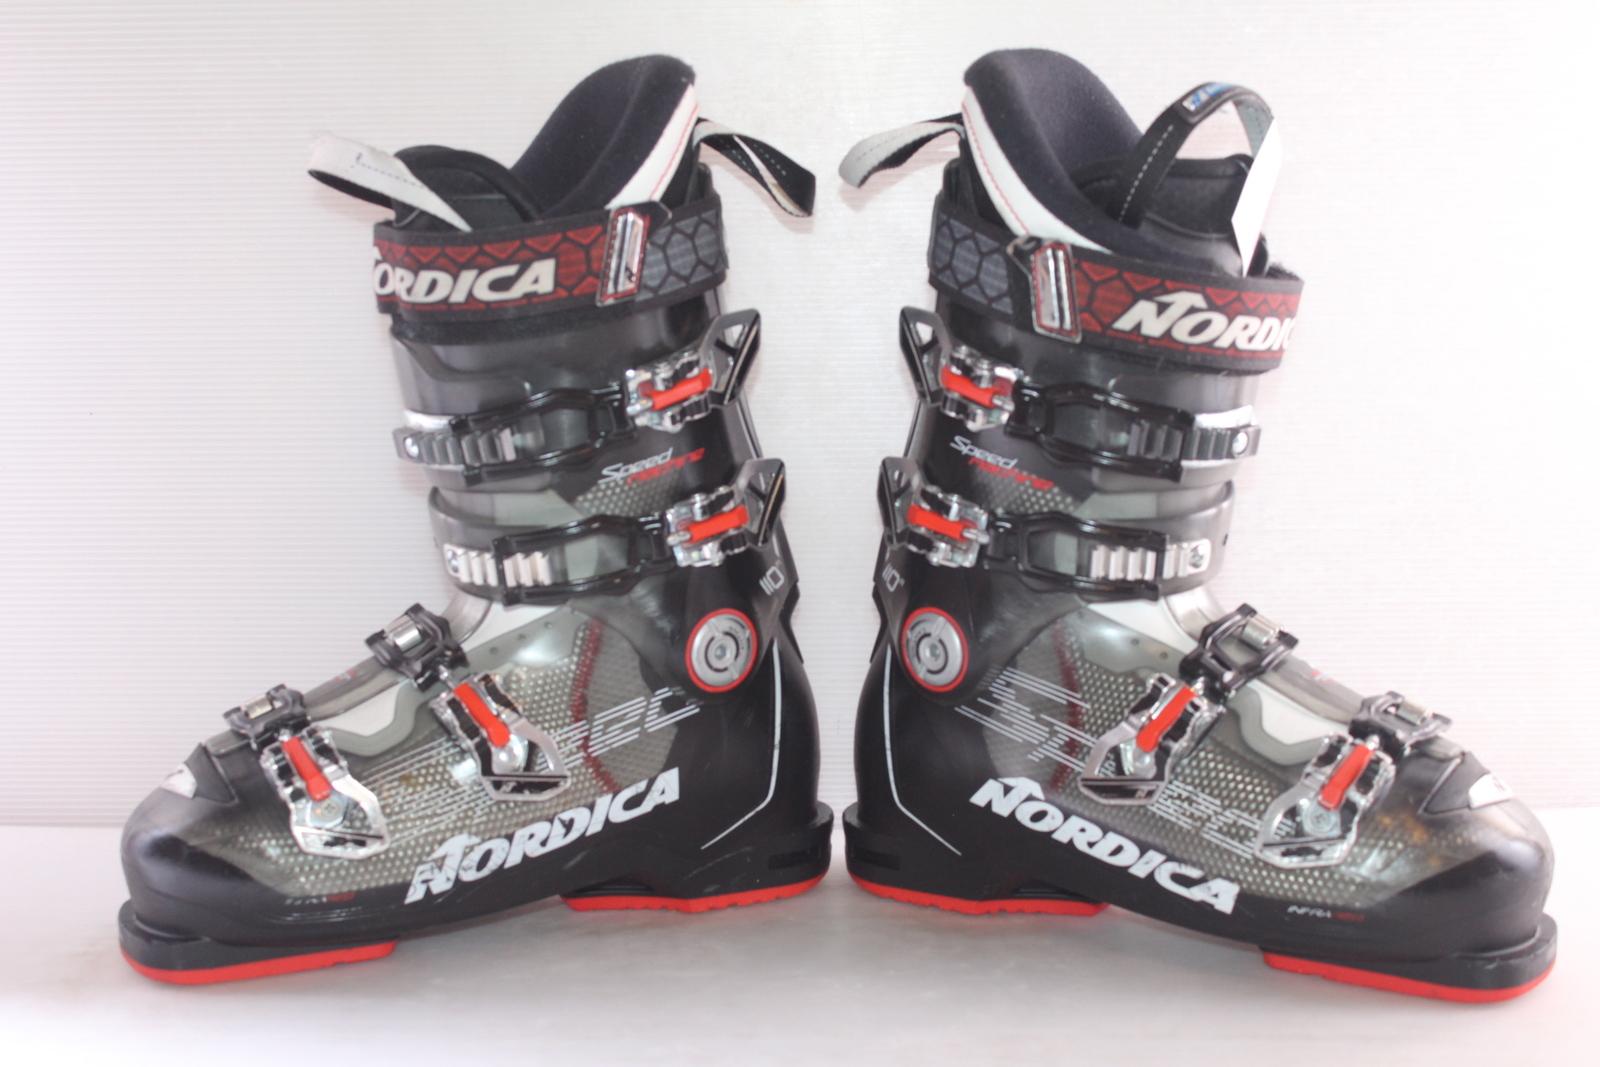 Lyžařské boty Nordica Speed Machine 110 R vel. EU41 flexe 110